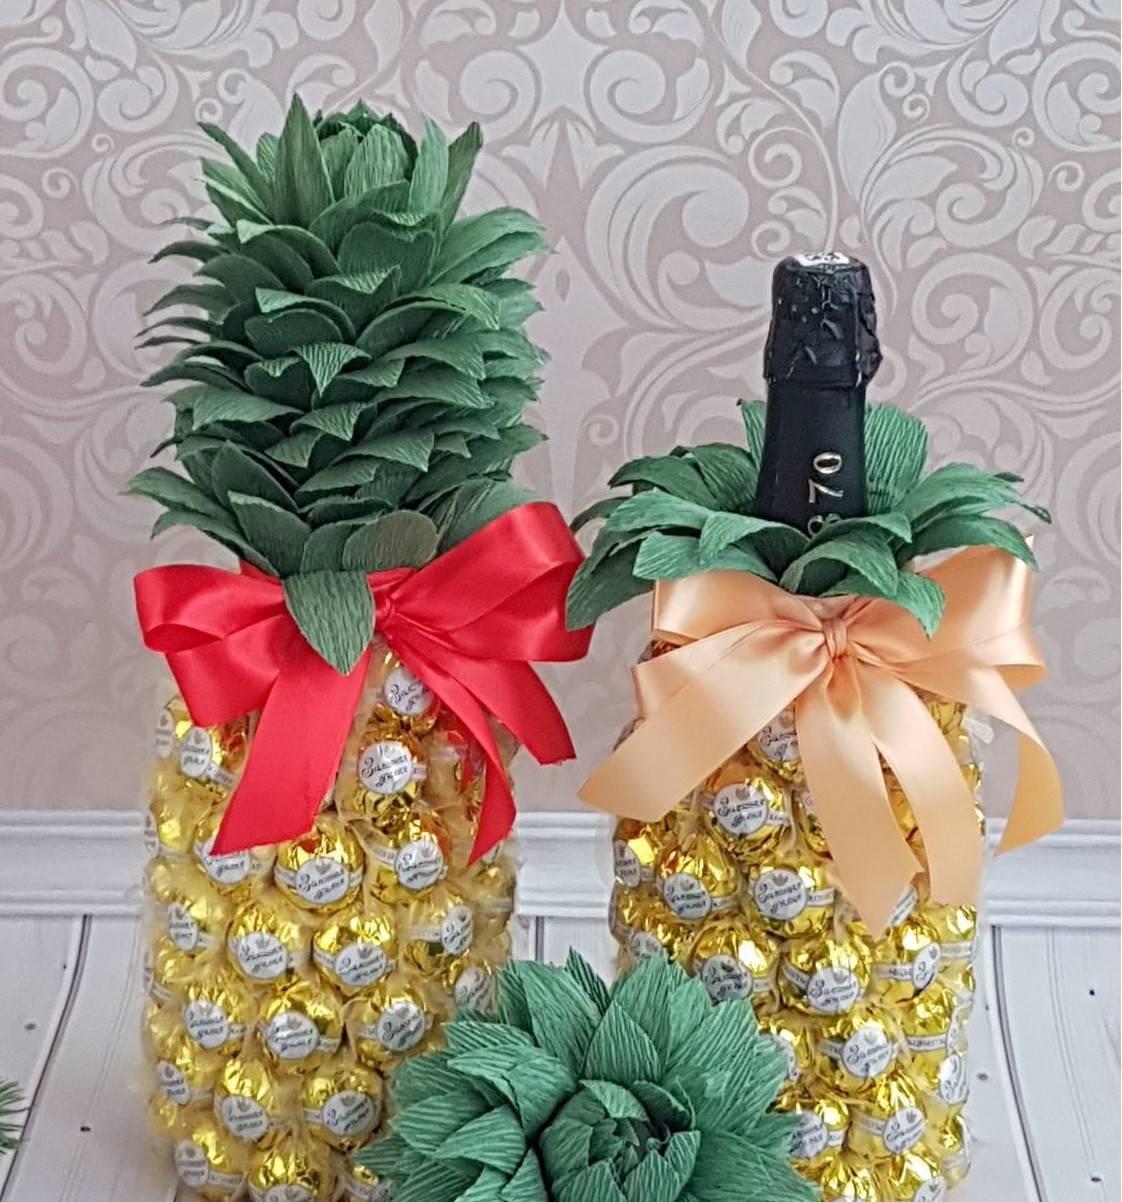 ᐉ ананас из бутылки. как сделать ананас из конфет и шампанского своими руками. как сделать ананас из фетра ✅ igrad.su